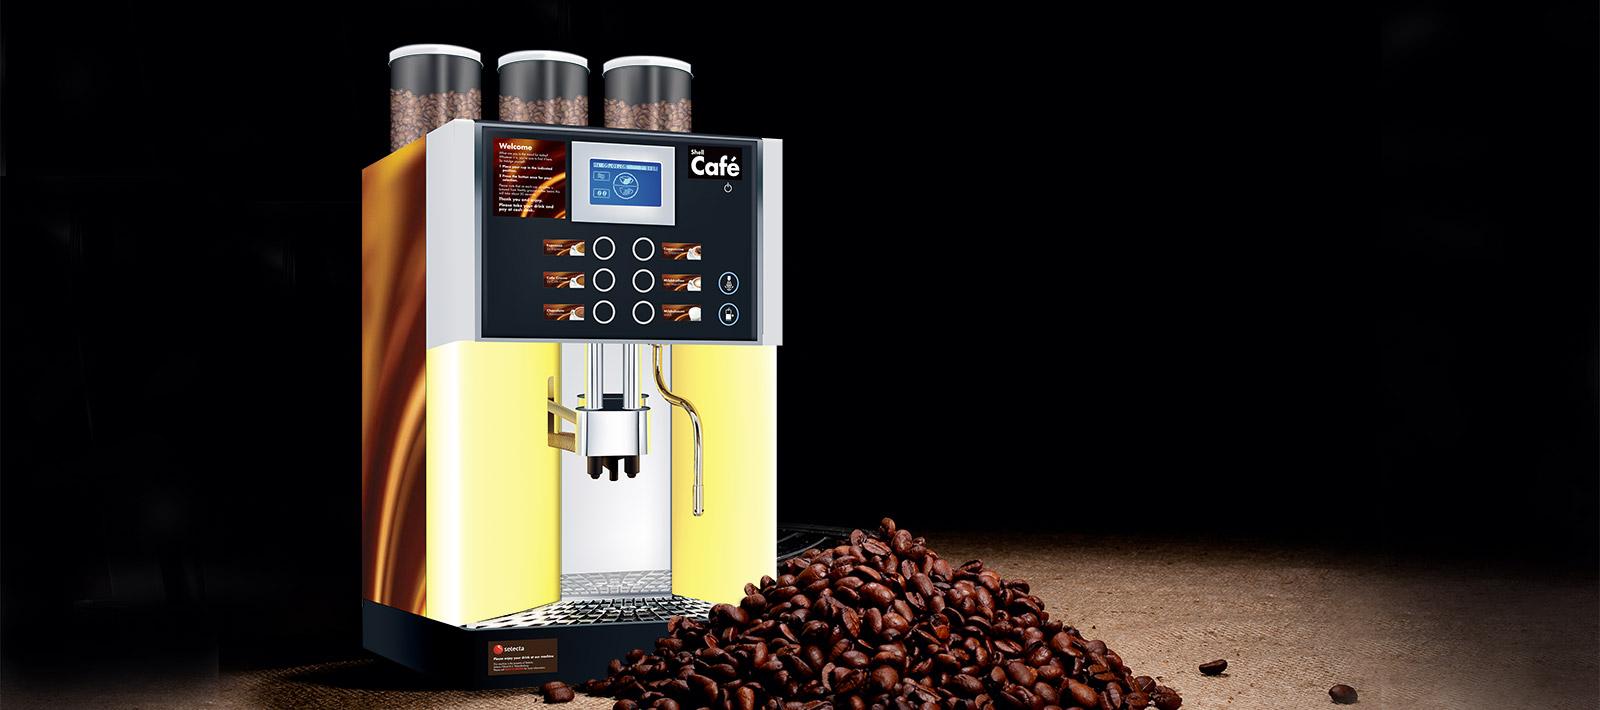 Presto-cofee-machine